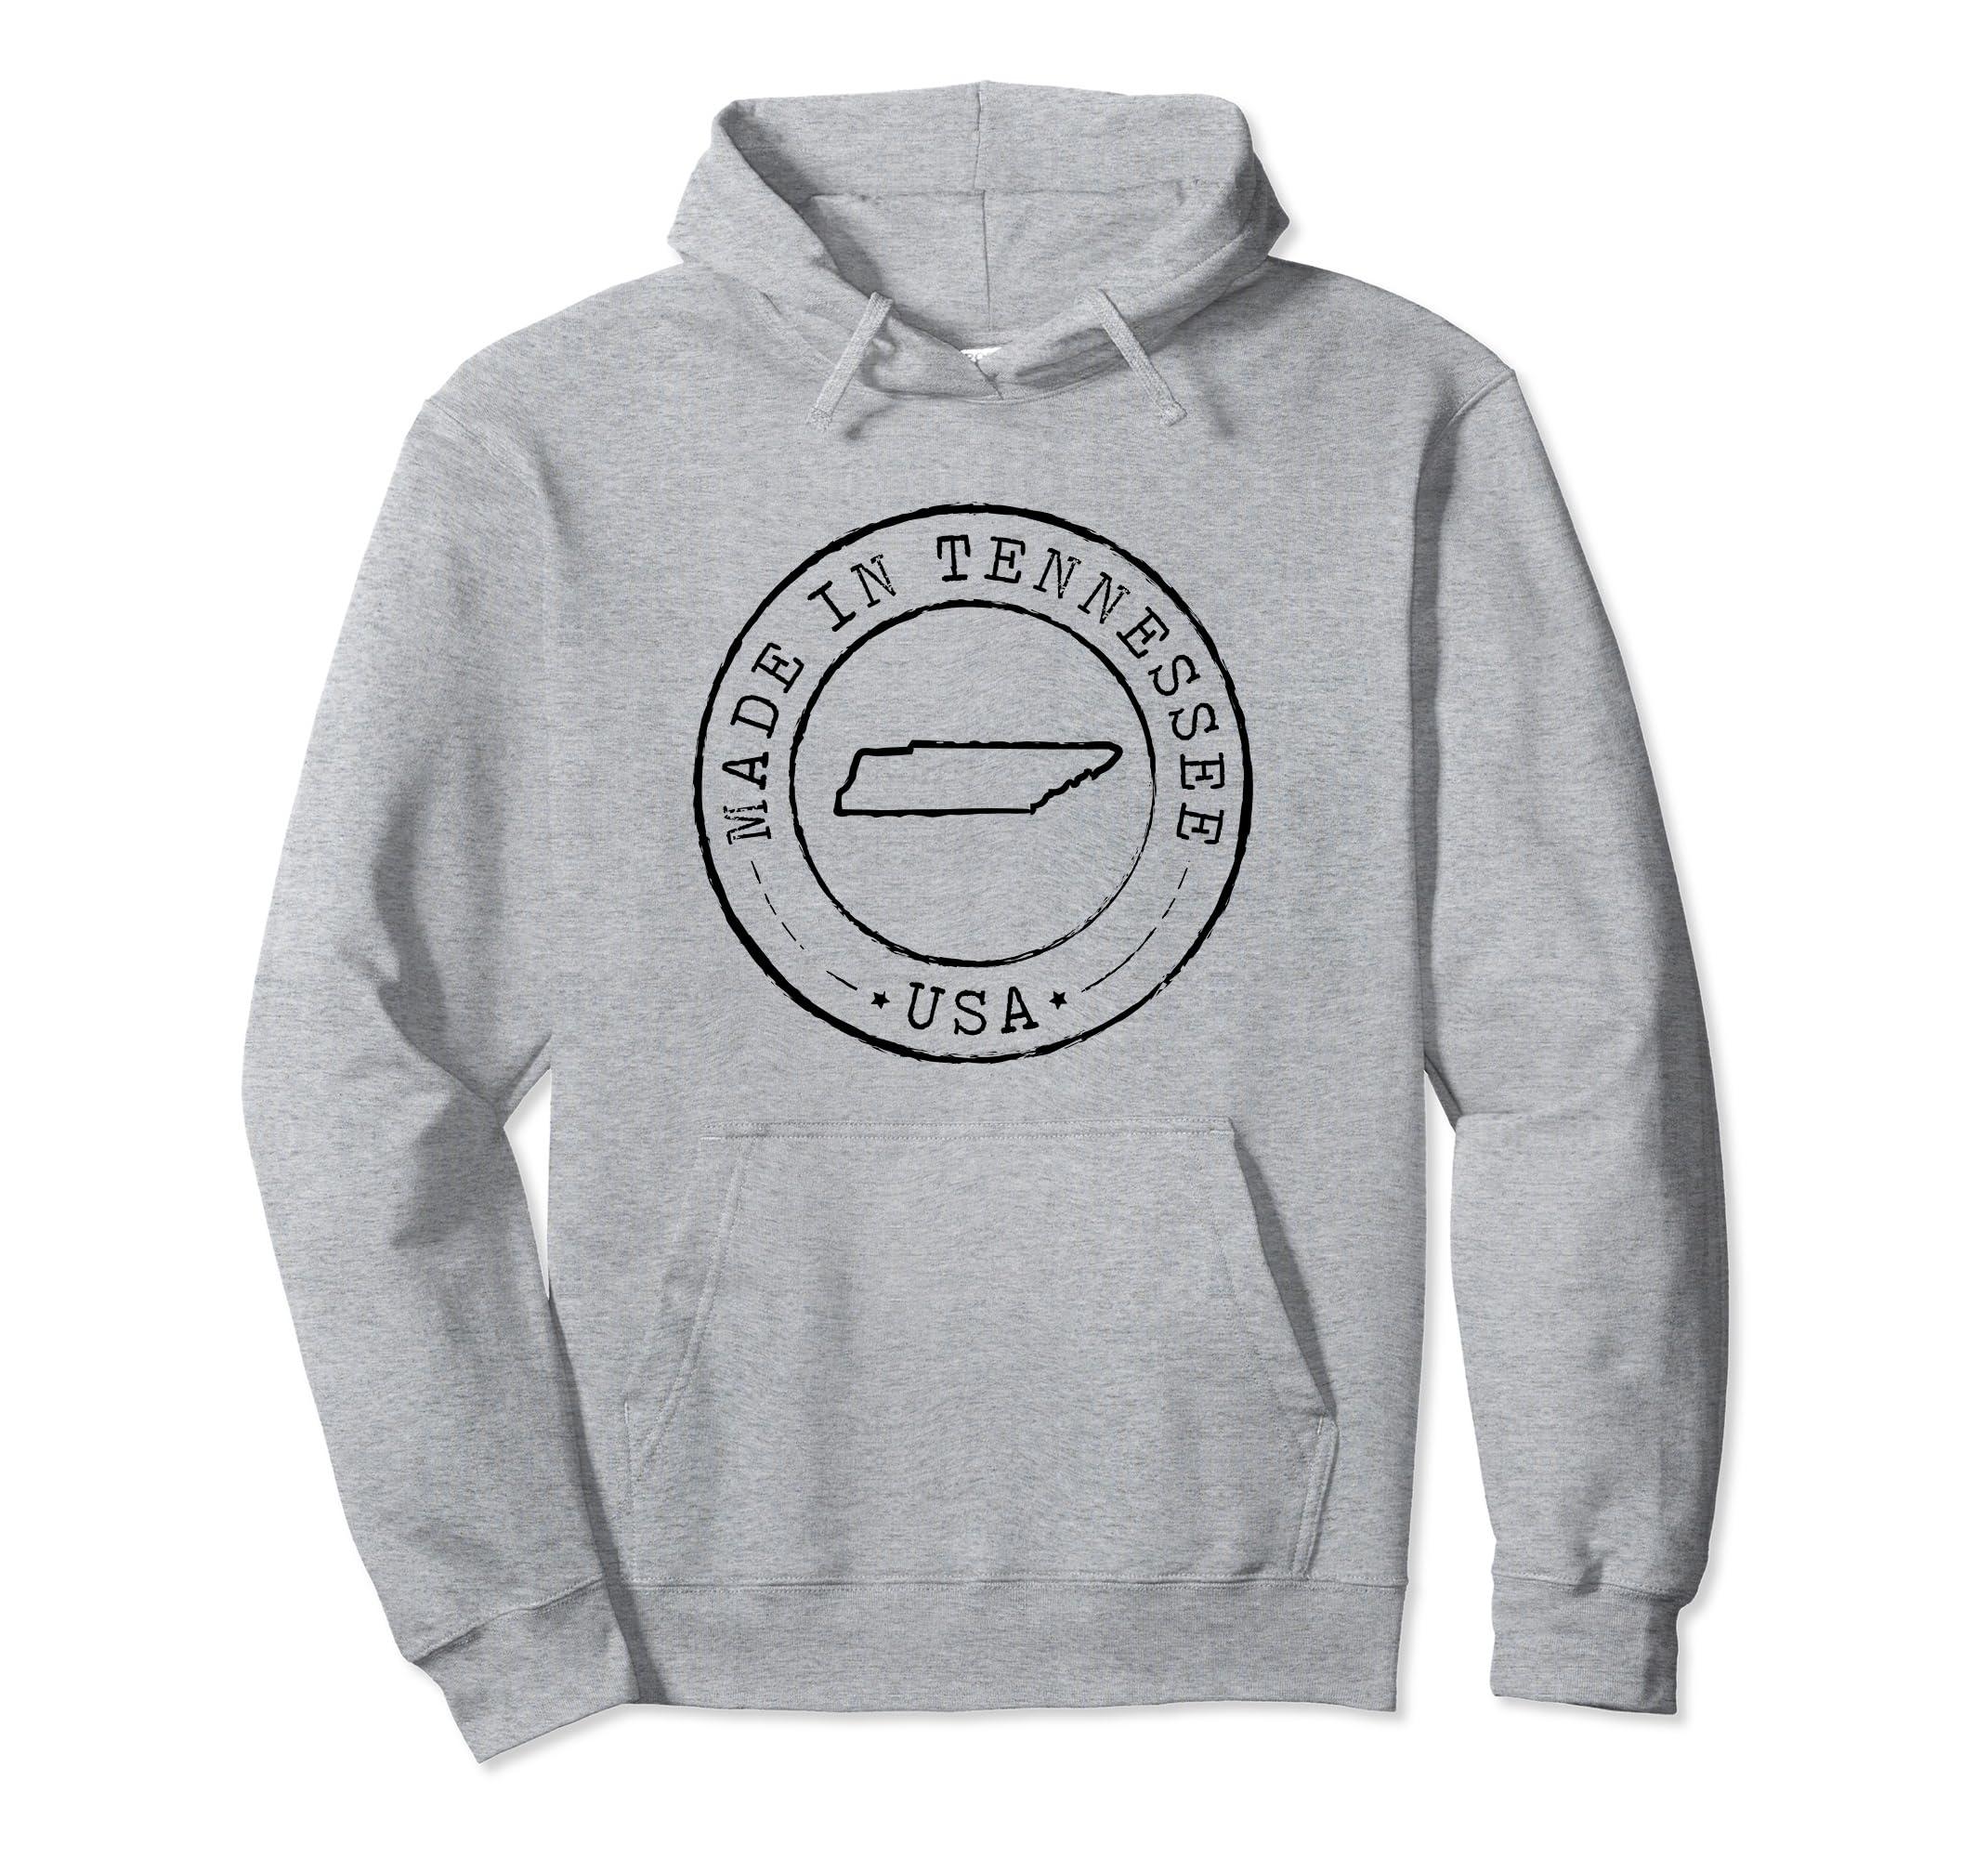 Made in Tennessee Hoodie Sweatshirt State TN Vintage Gift